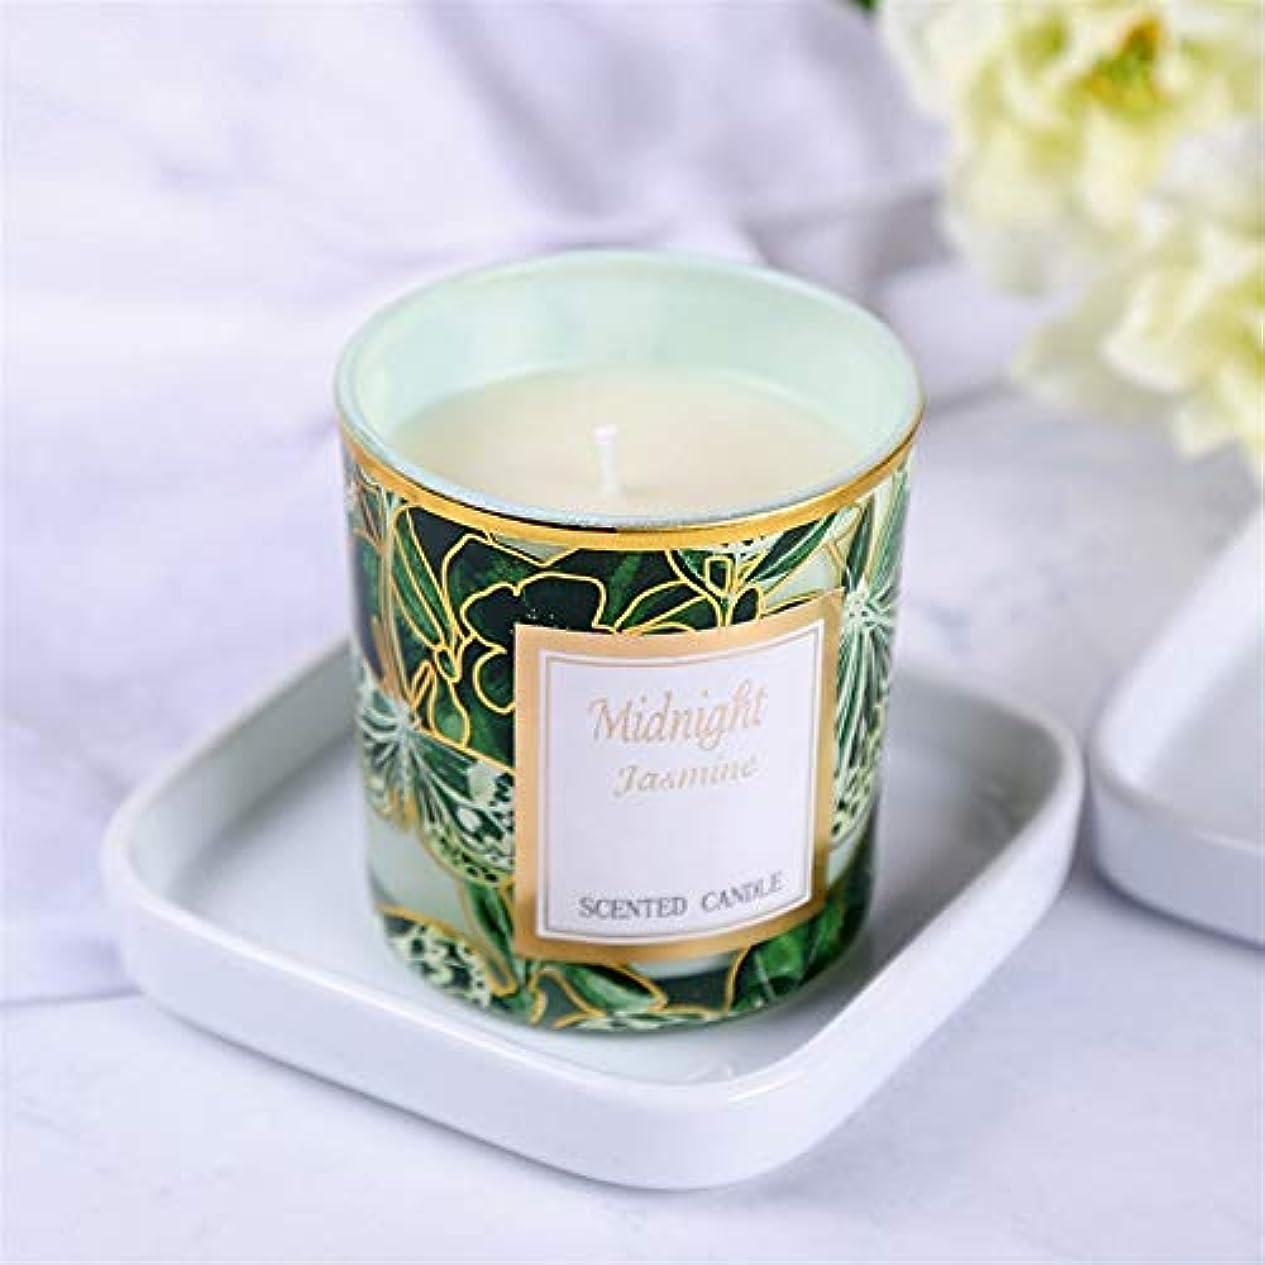 傾向があるモニカシットコムZtian 禁煙キャンドルレストランロマンチックなカップルの家の香りのキャンドルカップ (色 : Shangri-La)